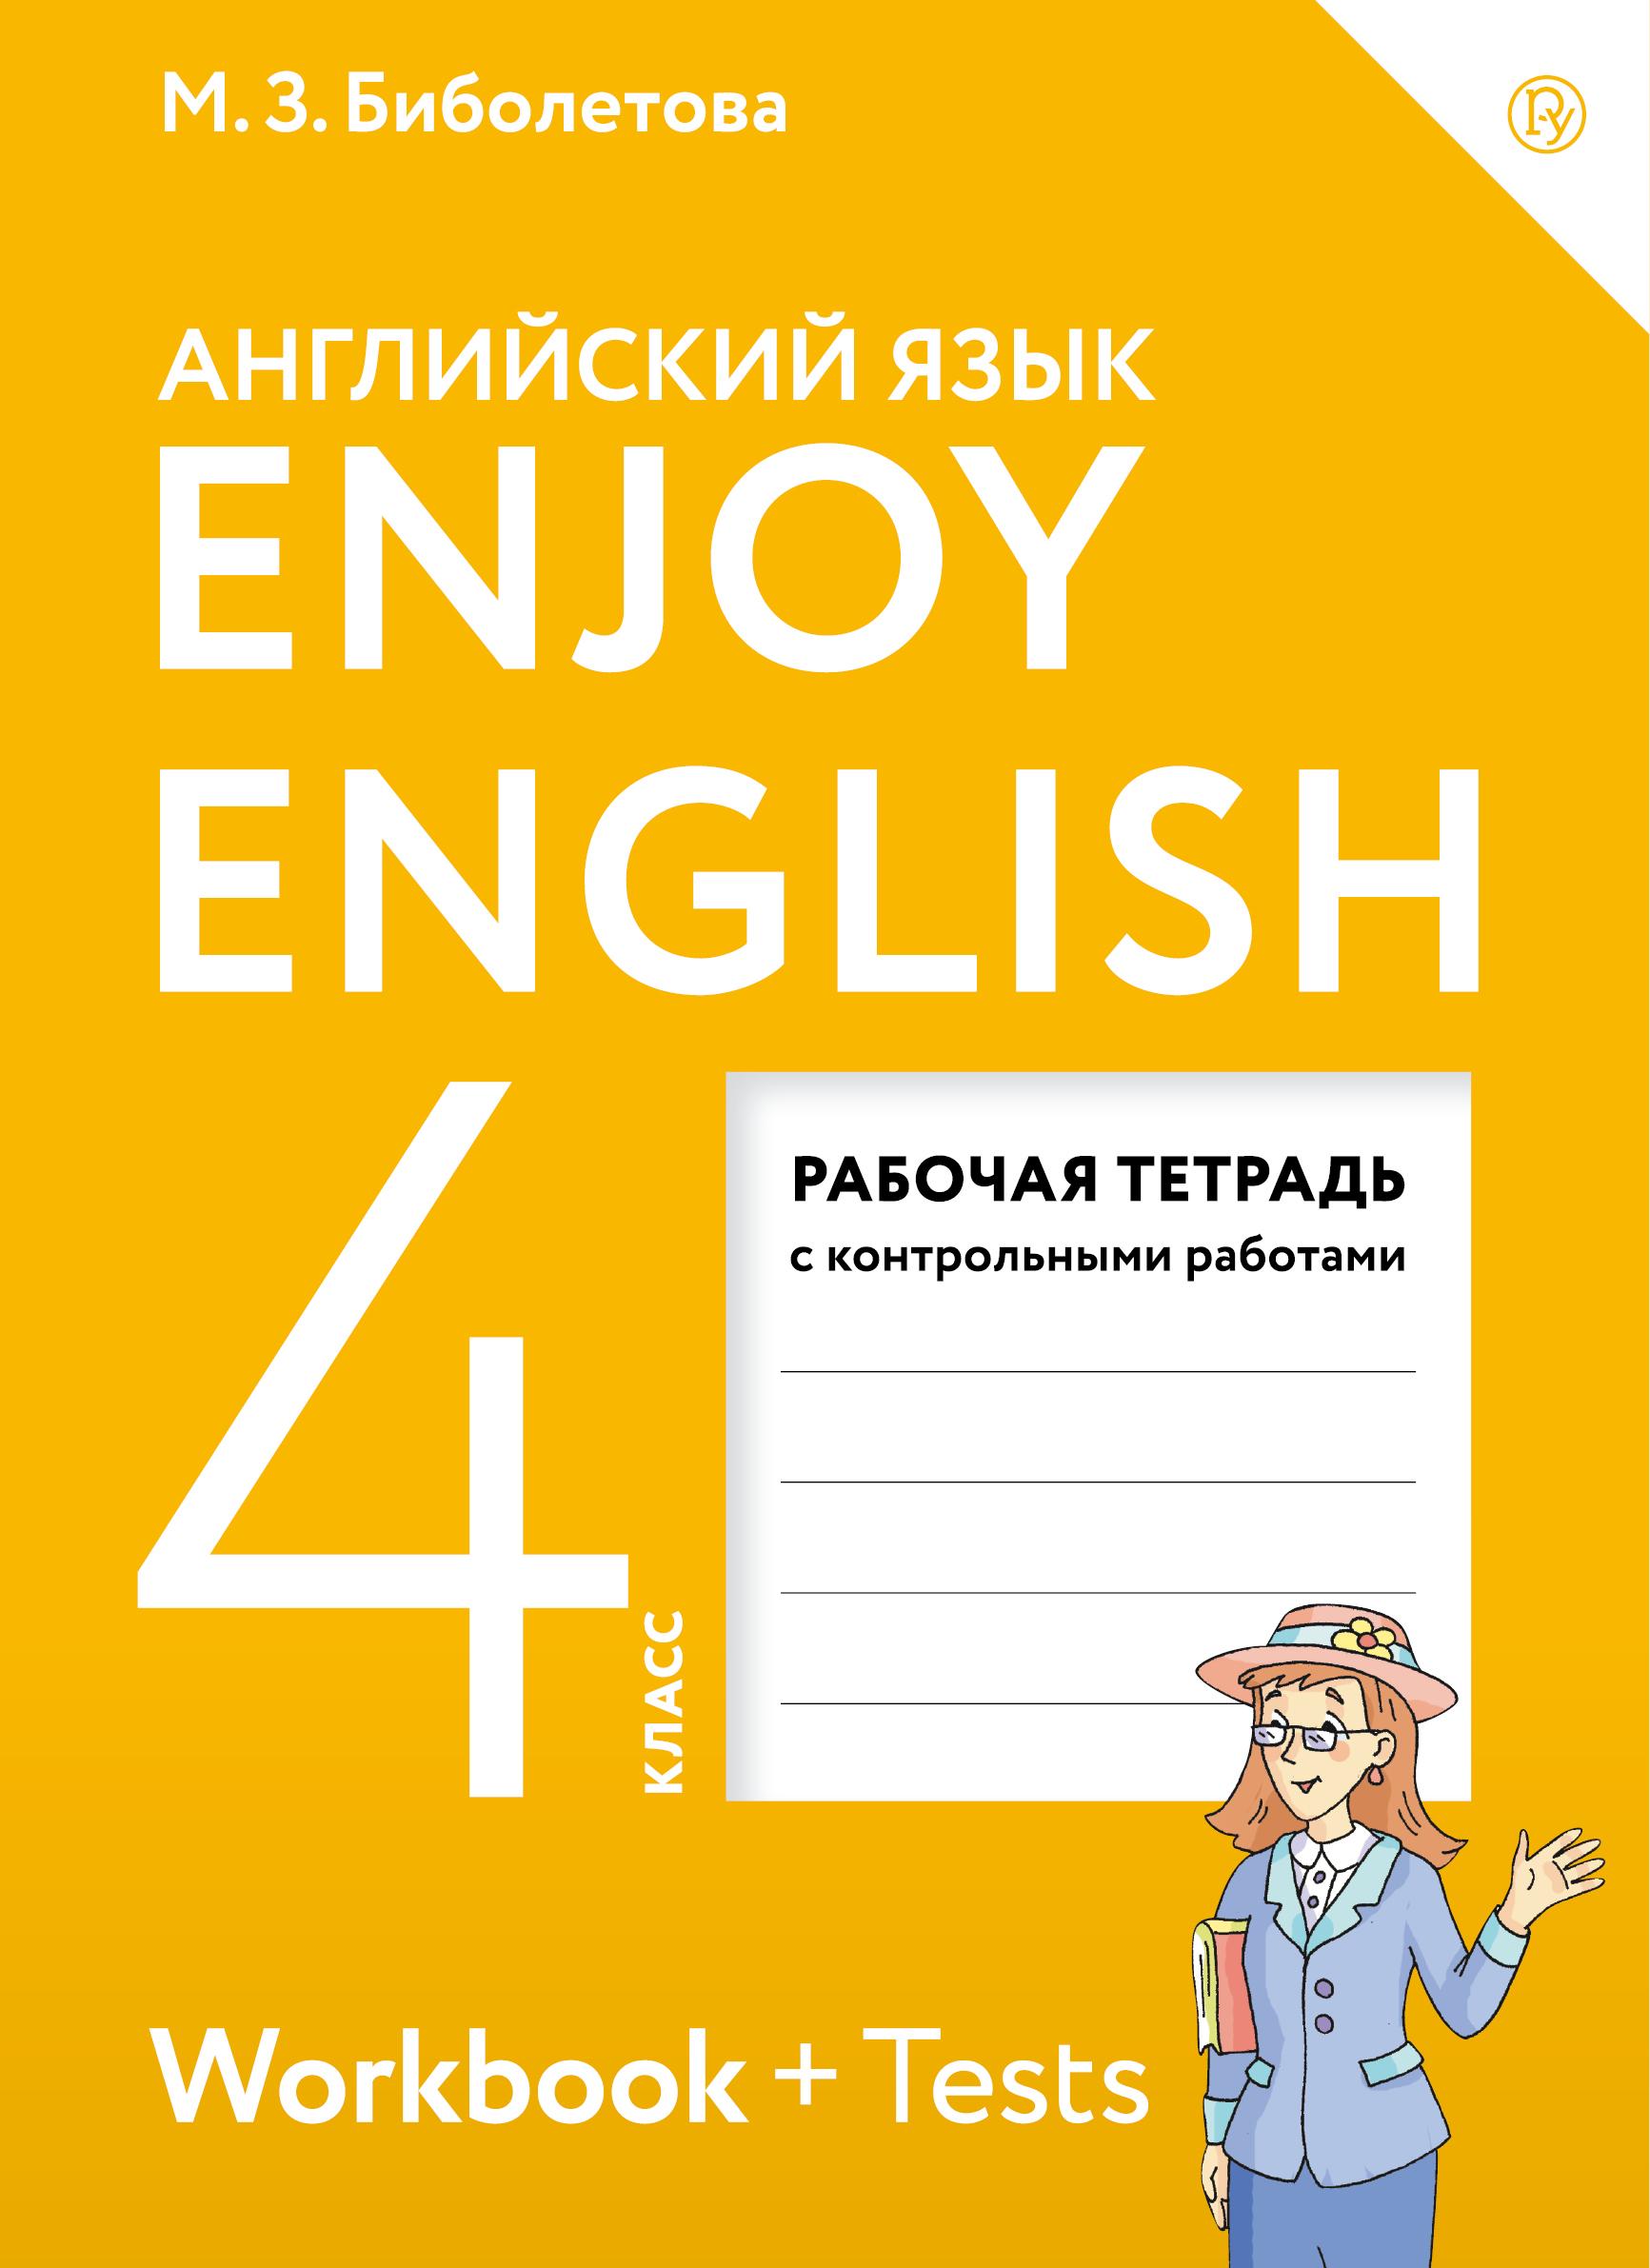 Решебник Англискаму